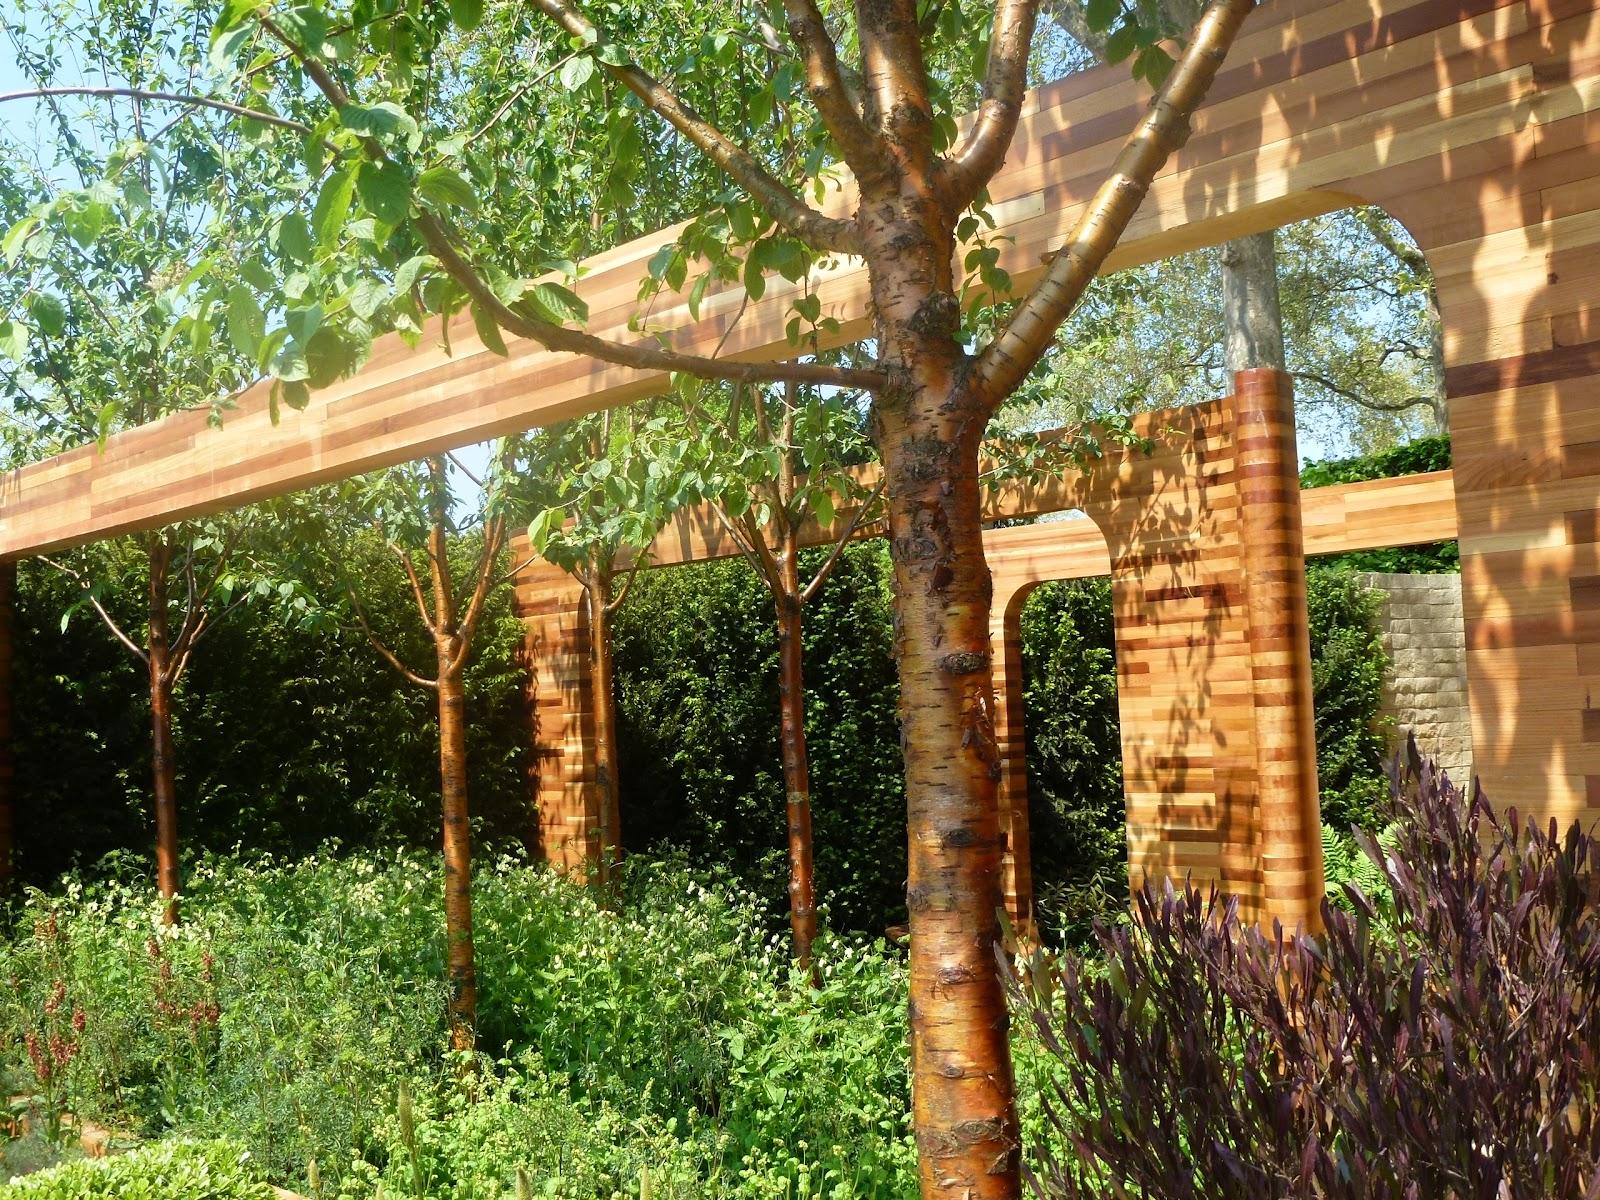 Iced vo vo 39 s homebase chelsea flower show for Garden trees homebase